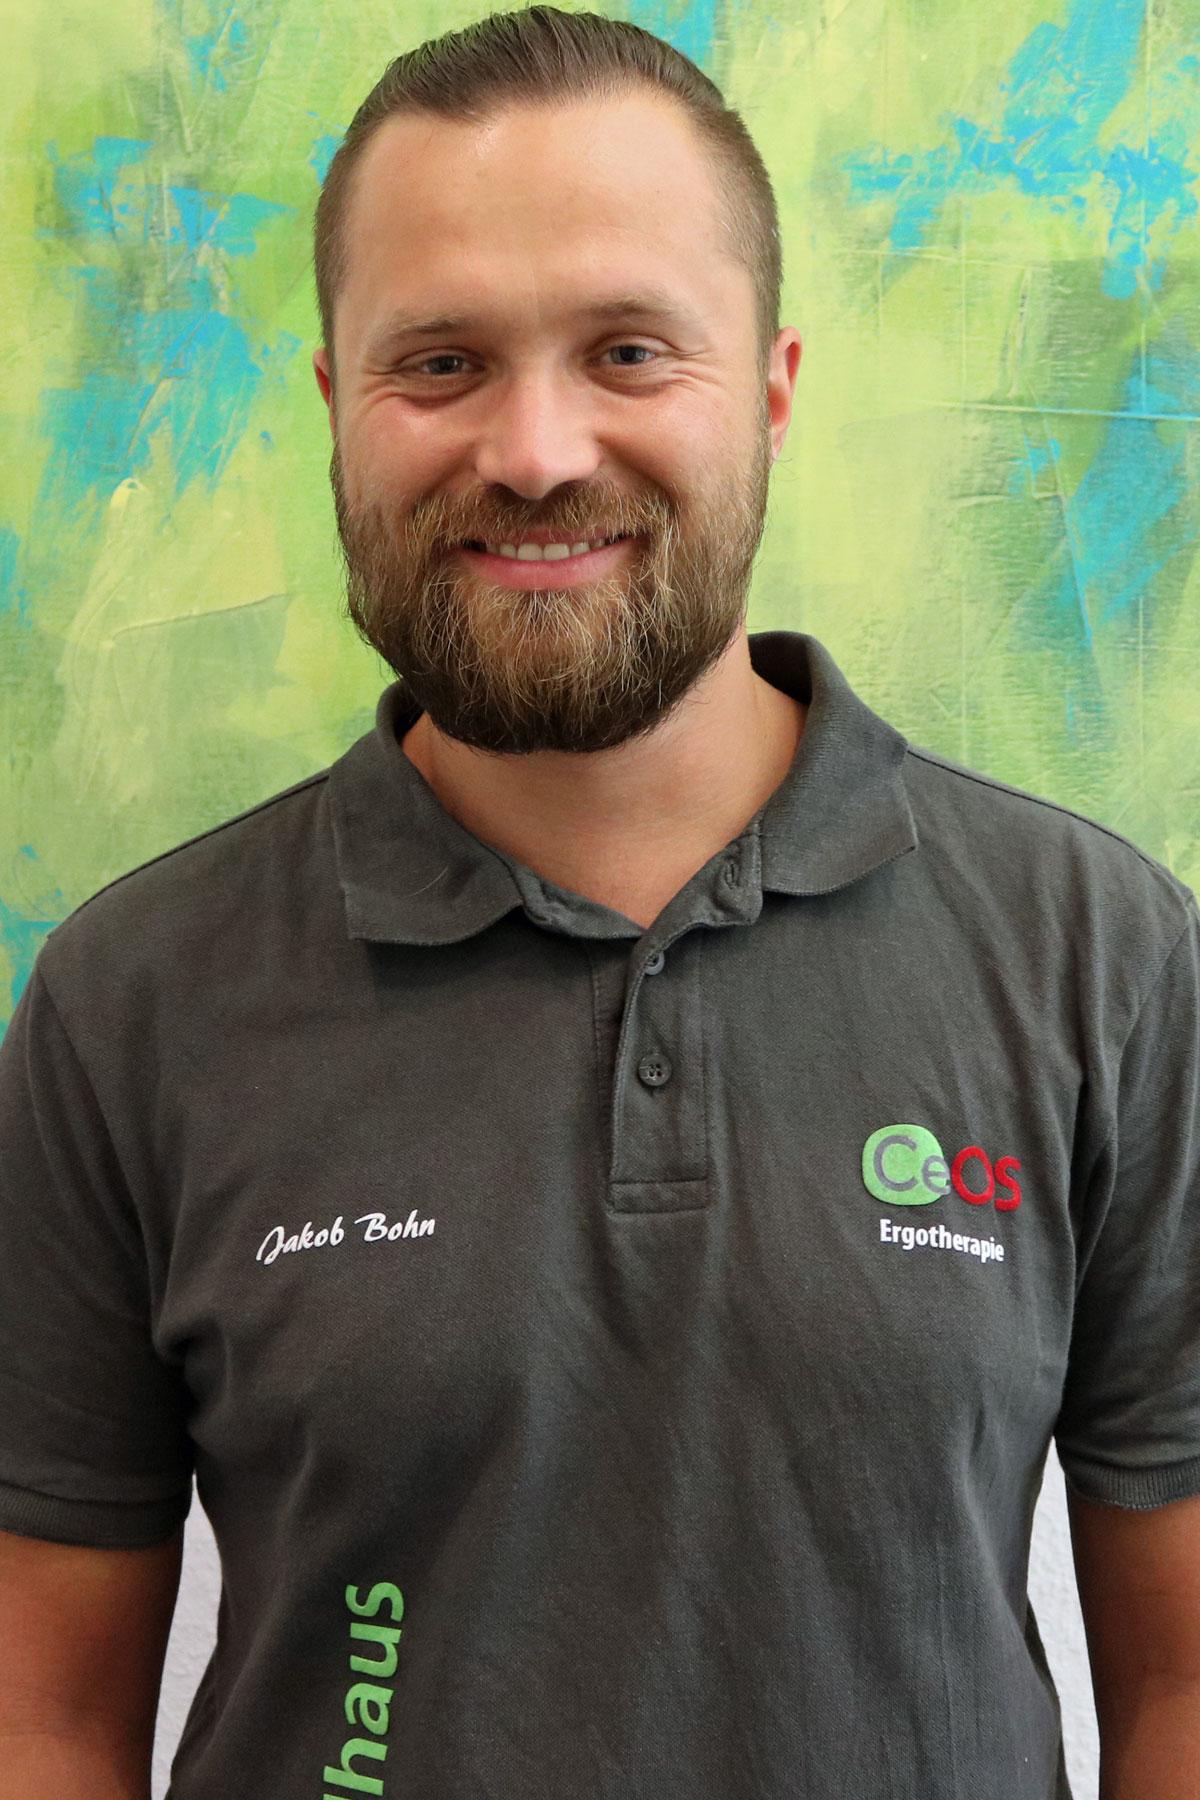 Jakob Bohn